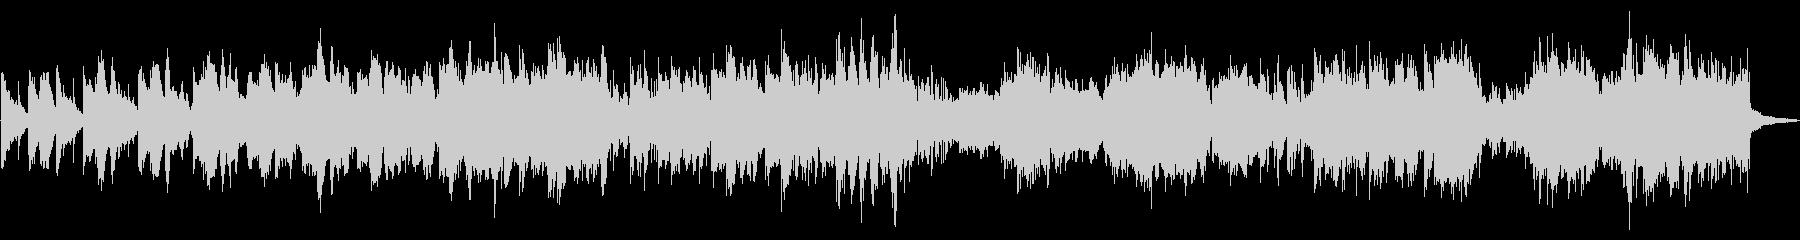 民族楽器の訛ったリズムが印象的なバラードの未再生の波形